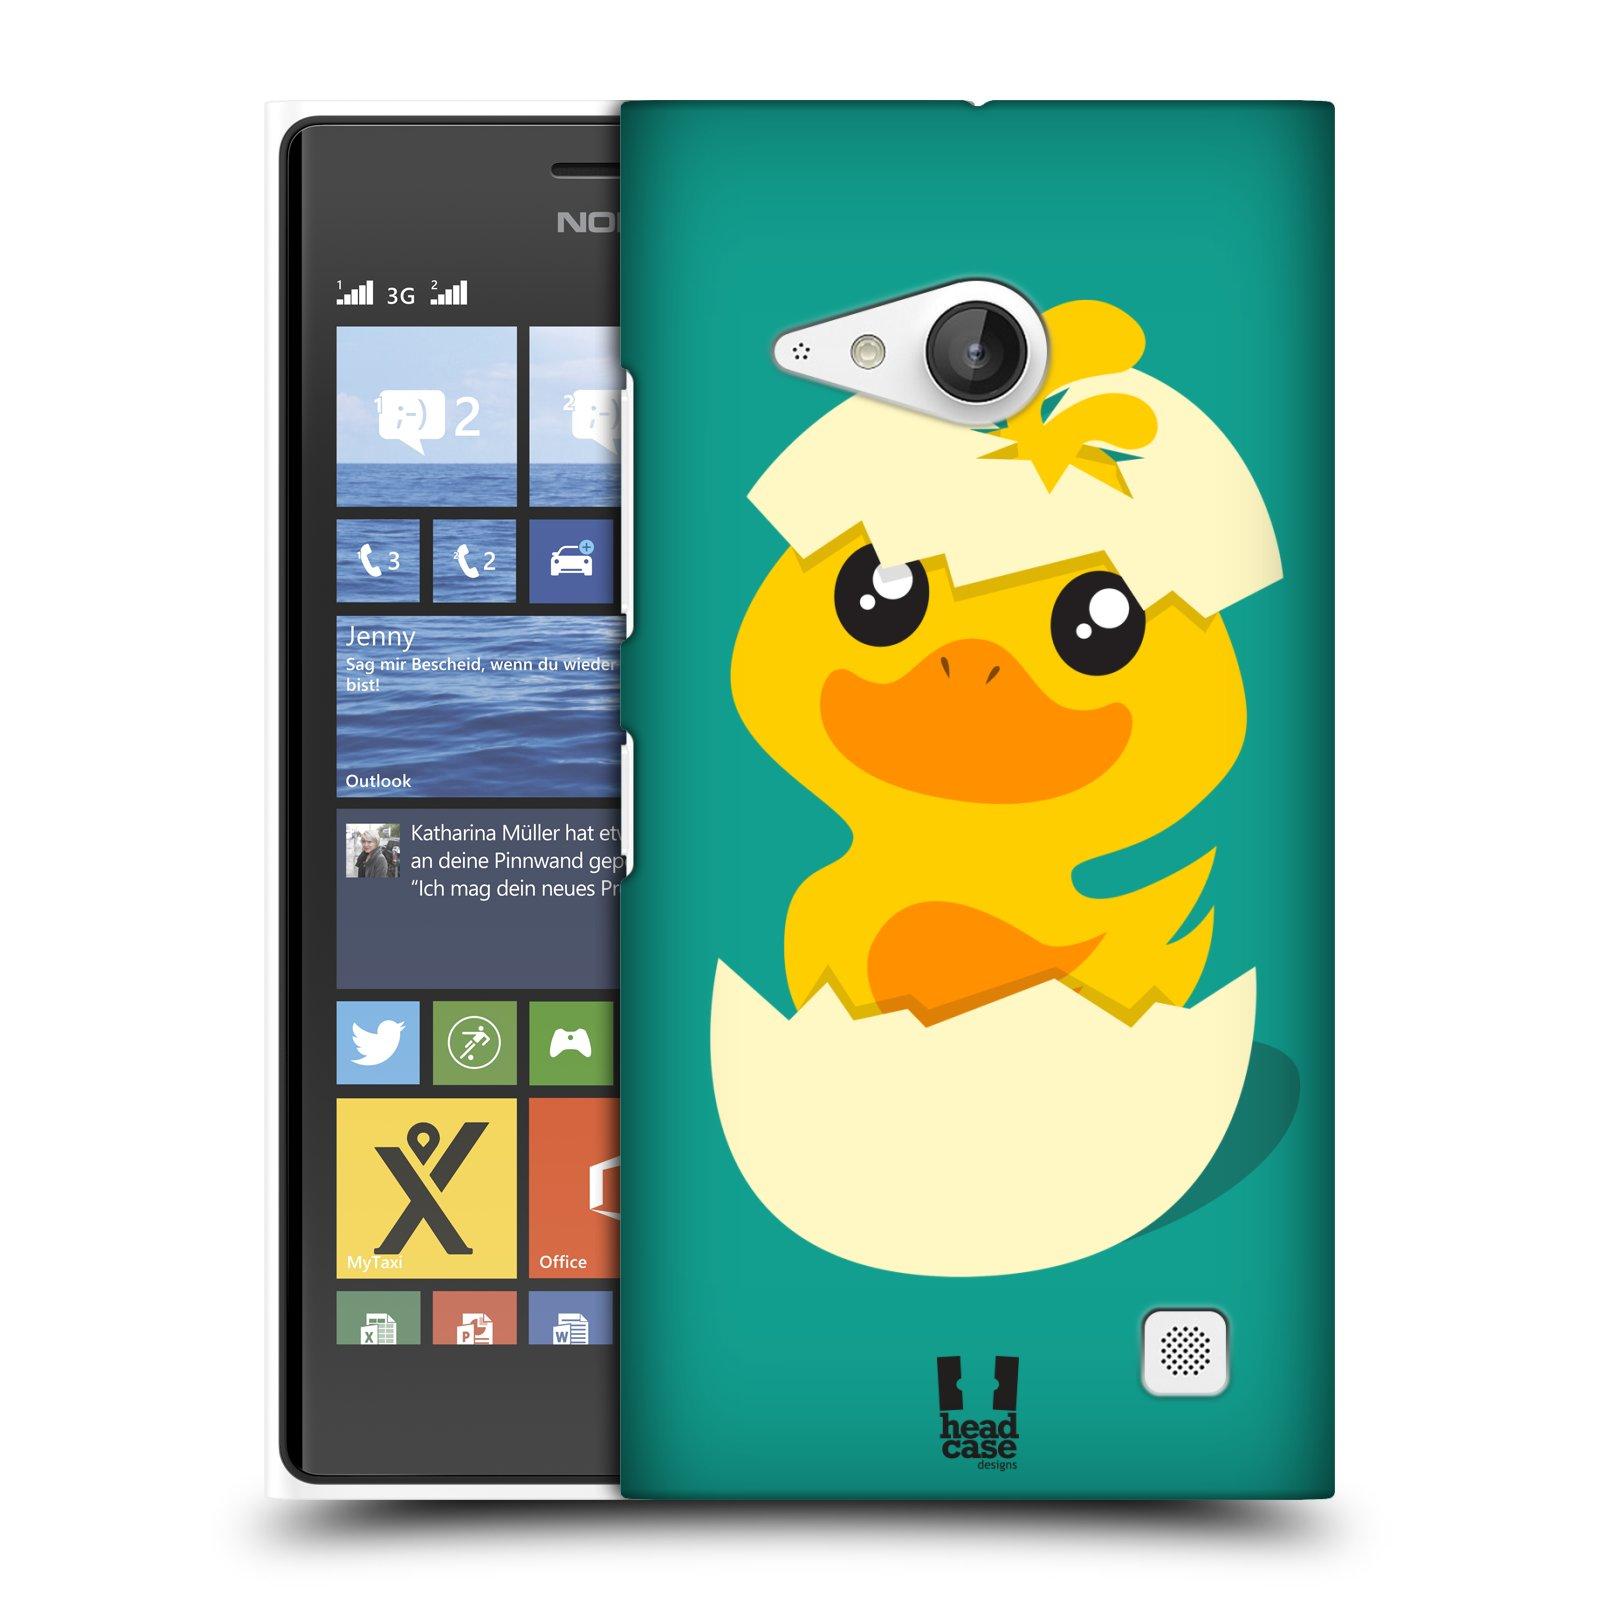 Plastové pouzdro na mobil Nokia Lumia 730 Dual SIM HEAD CASE KACHNIČKA Z VAJÍČKA (Kryt či obal na mobilní telefon Nokia Lumia 730 Dual SIM)